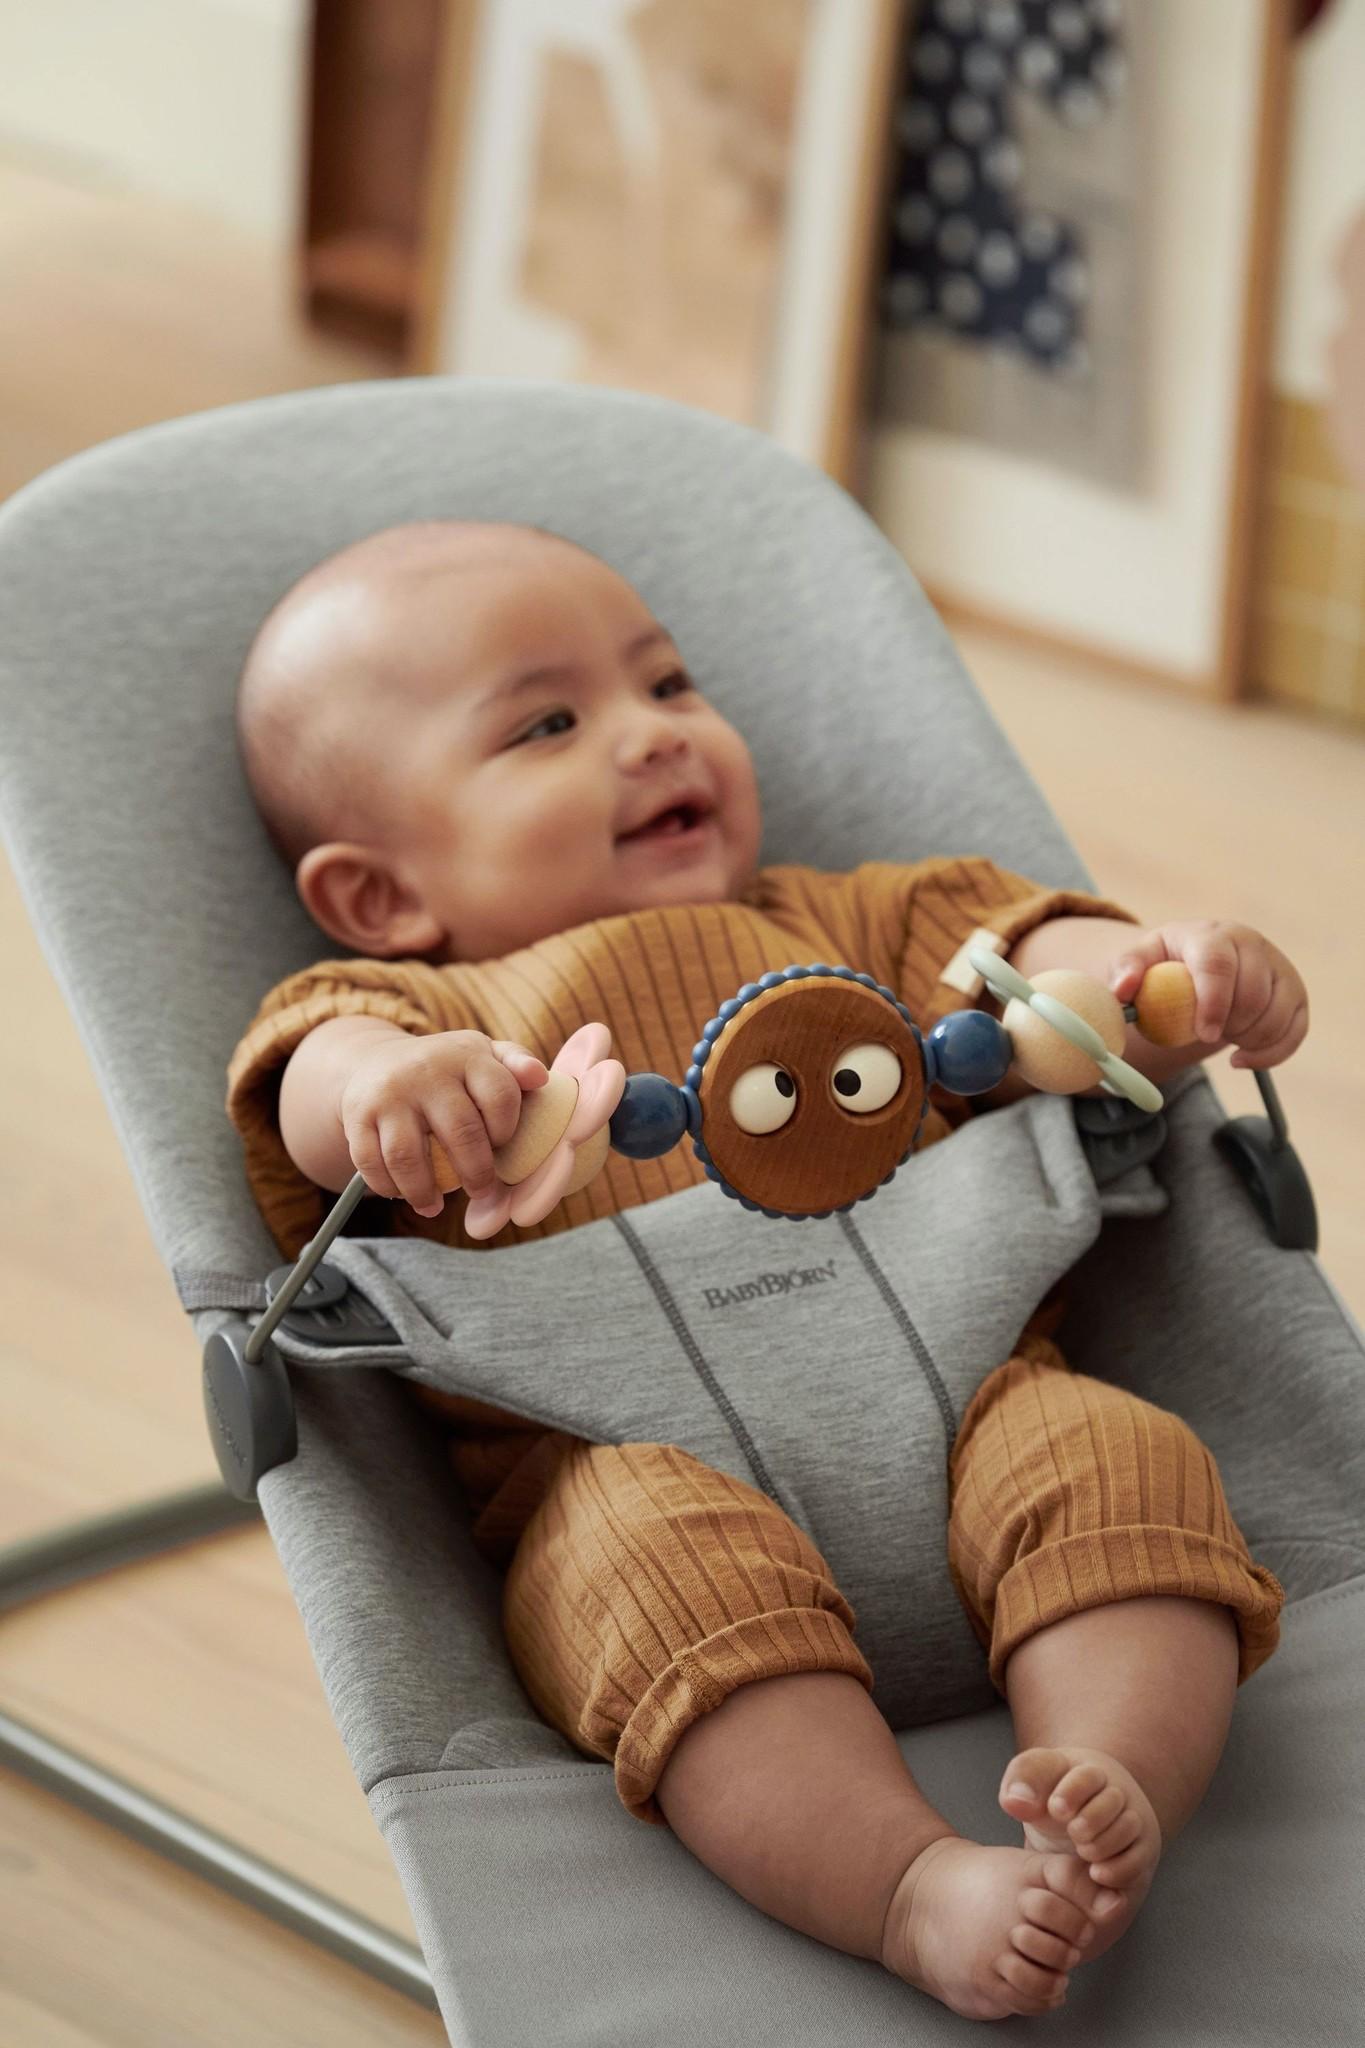 BABYBJÖRN BABYBJÖRN Spielzeug für Baby Bouncer Freche Augen Pastell